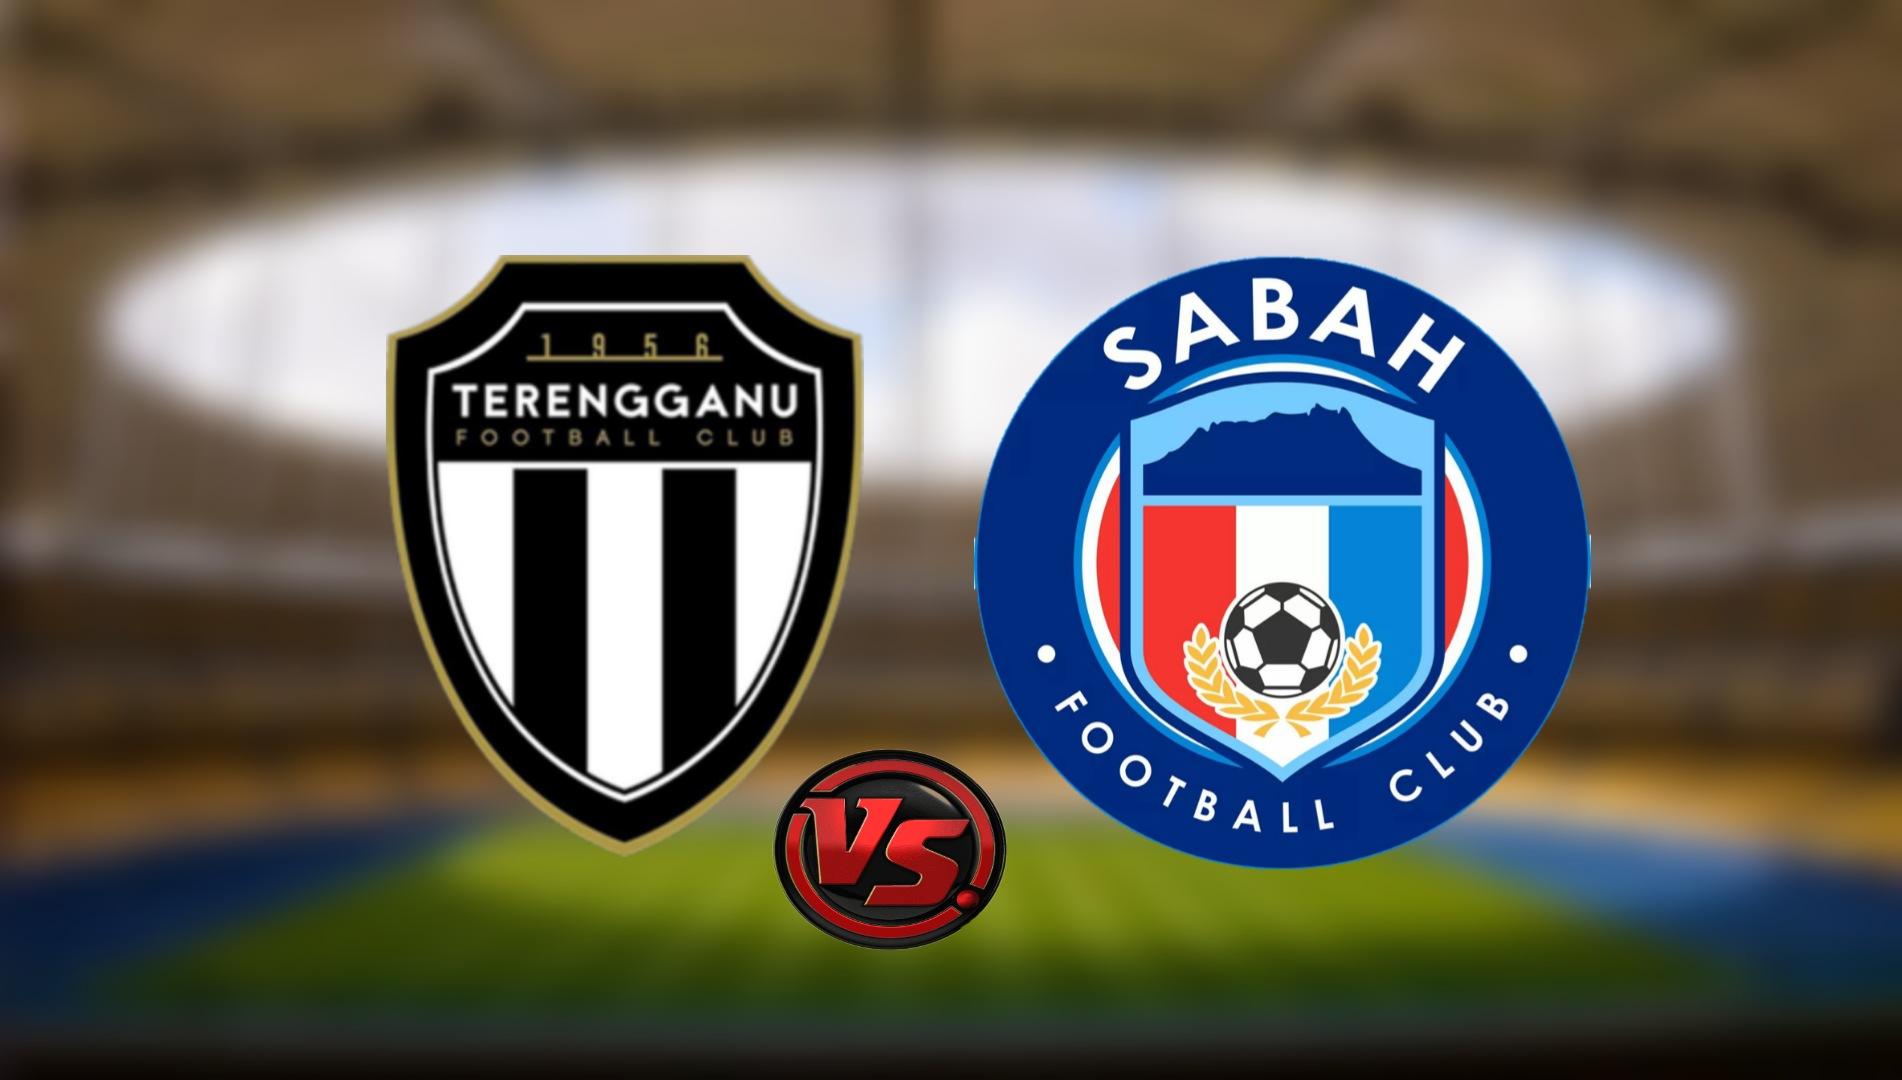 Live Streaming Terengganu FC vs Sabah FC Liga Super 1.8.2021